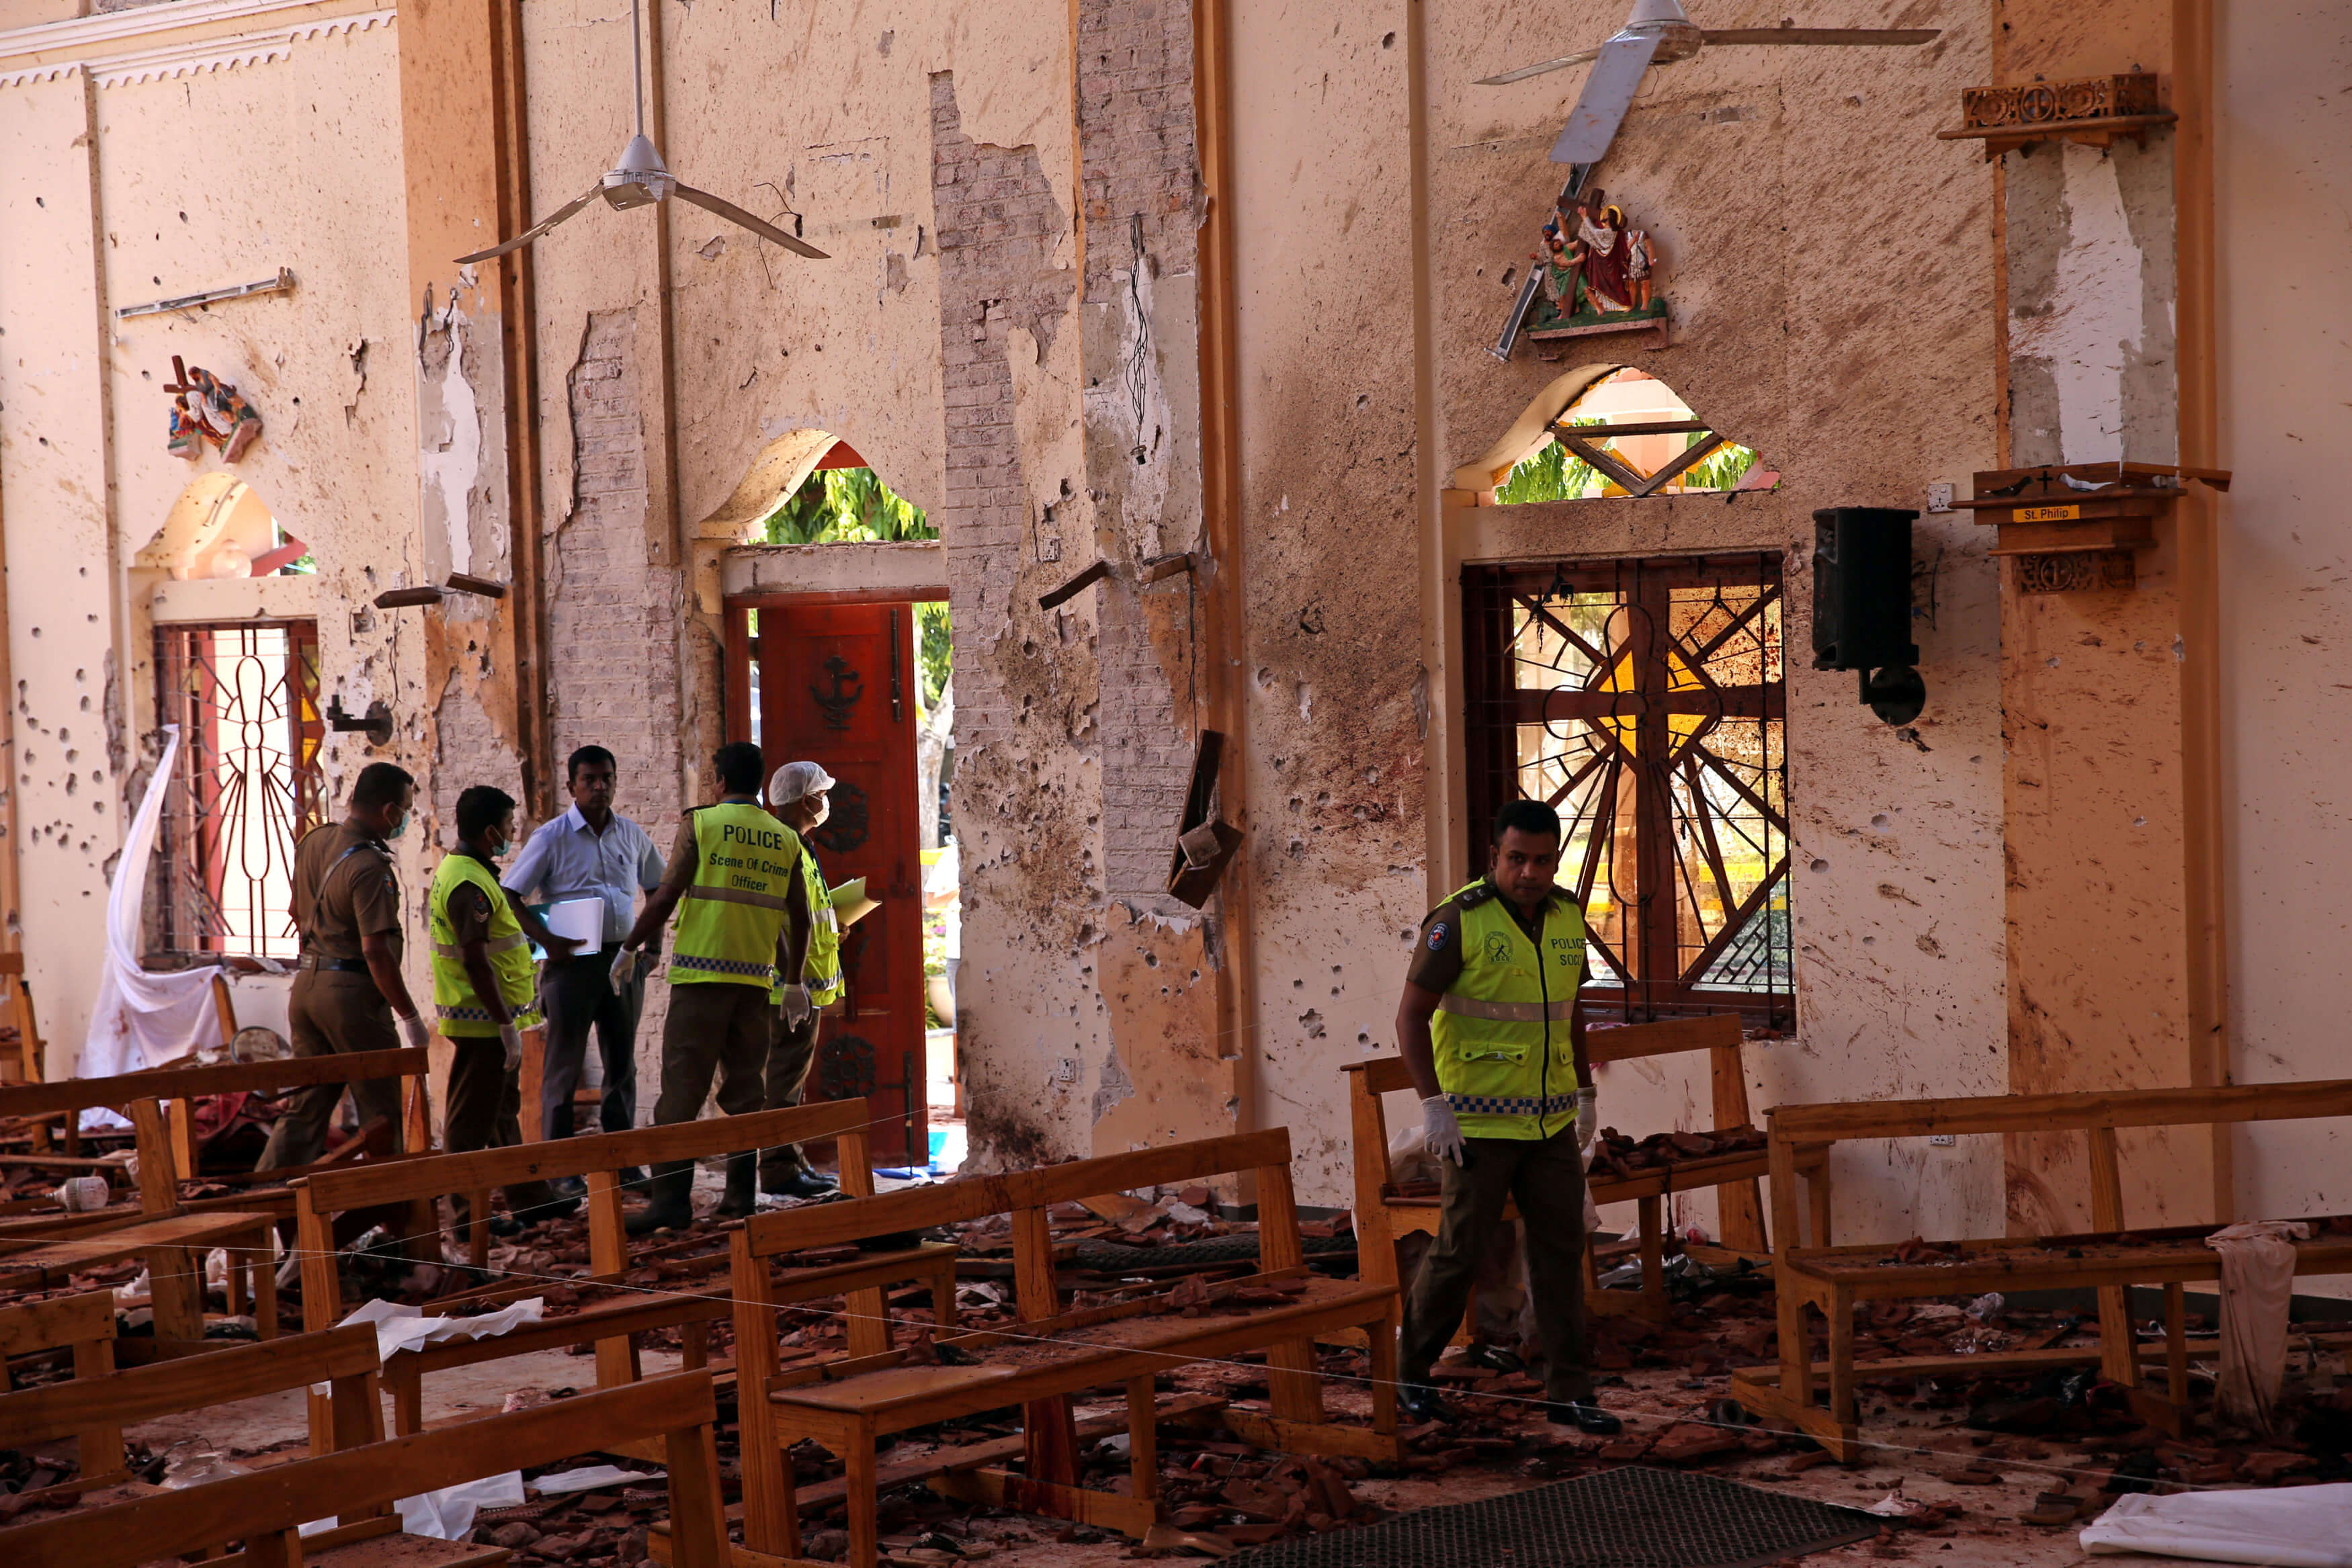 Σρι Λάνκα: Ο εγκέφαλος των βομβιστικών επιθέσεων πιθανόν να είναι ξένος